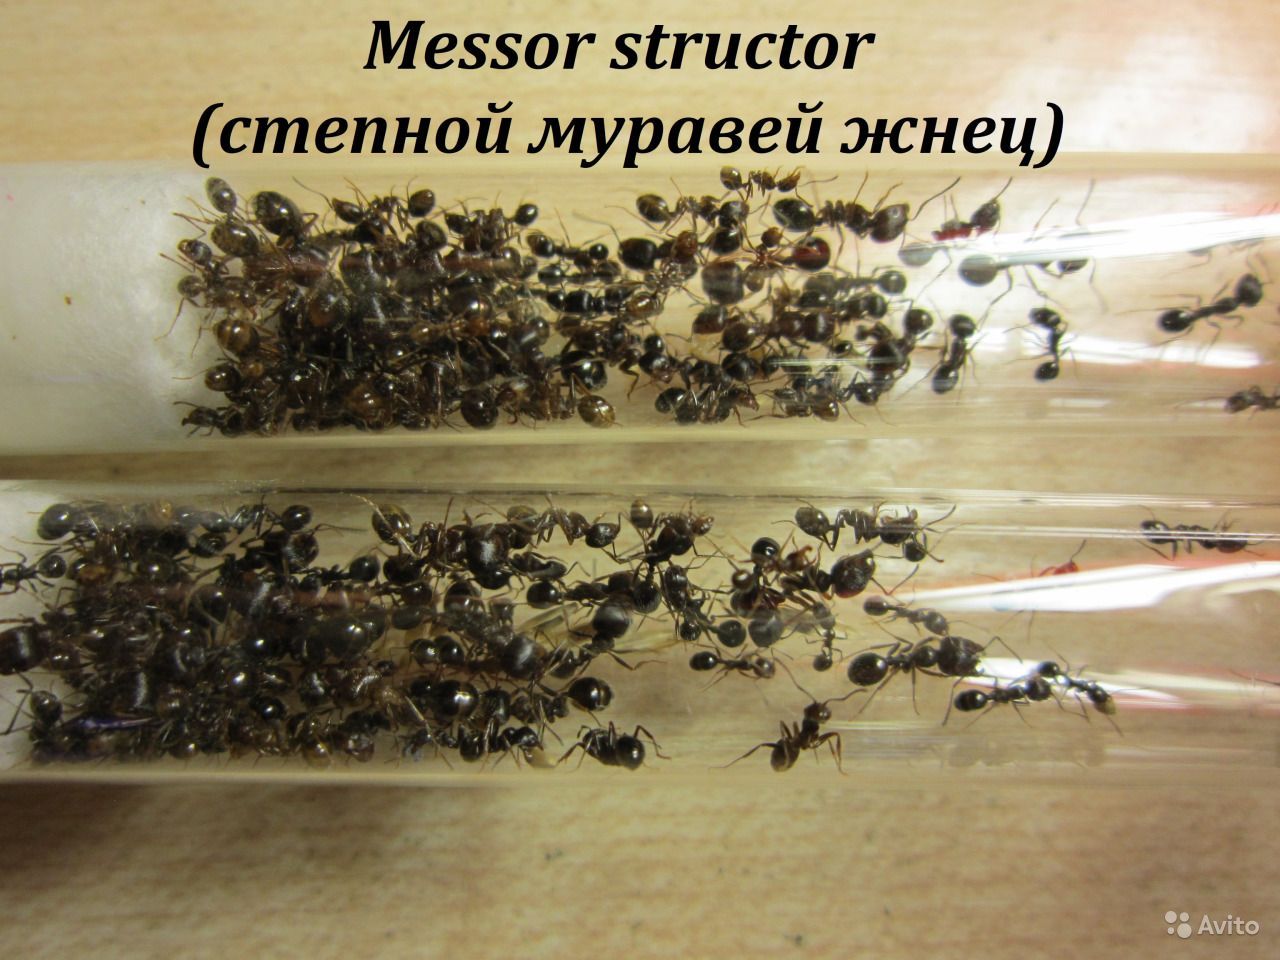 Муравьи-жнецы (messor structor): содержание и уход в домашних условиях